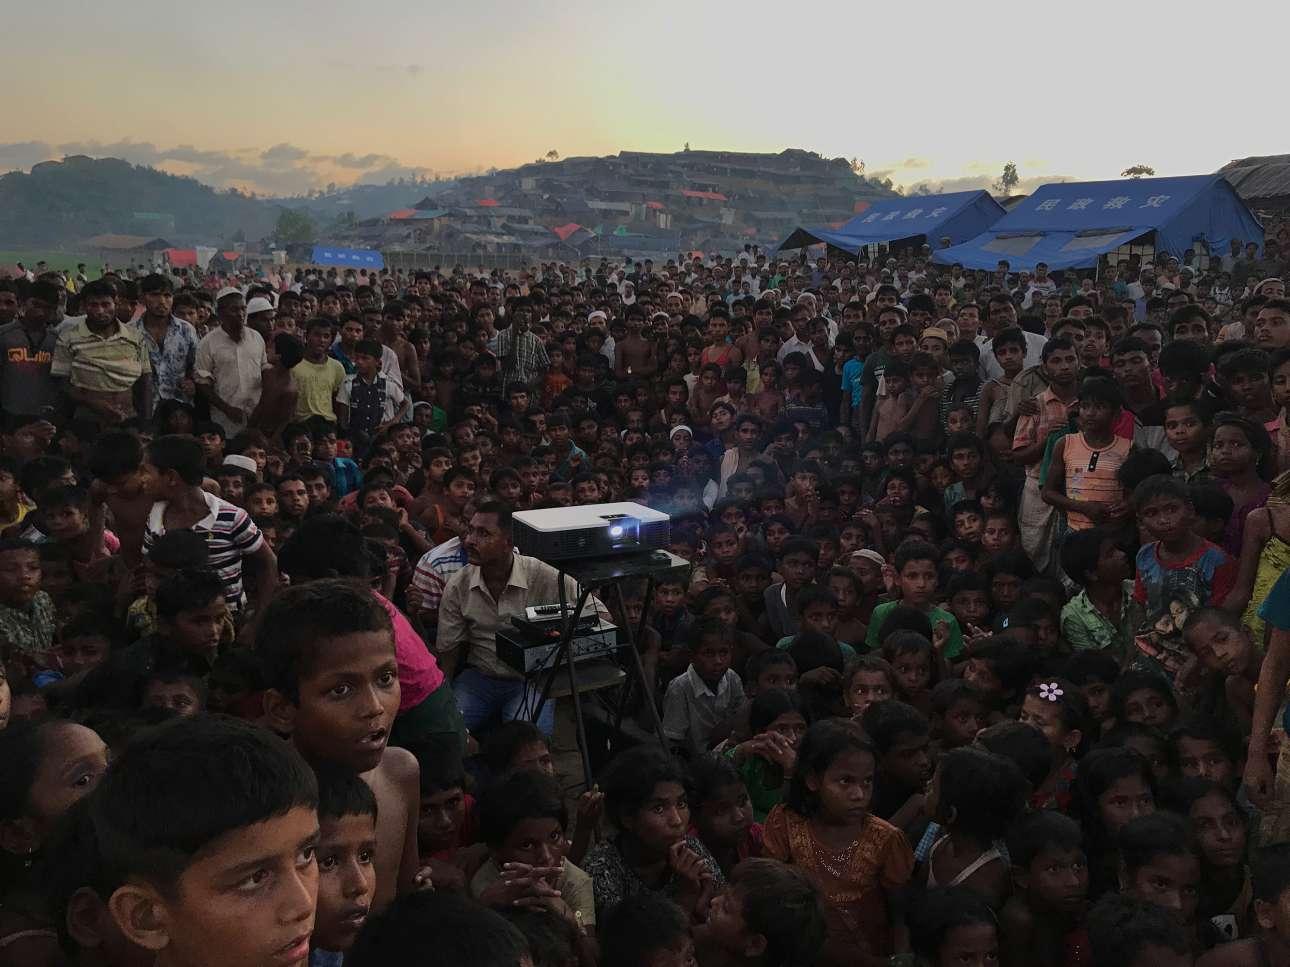 Μεγάλο Βραβείο. Παιδιά Ροχίνγκια παρακολουθούν ένα ενημερωτικό βίντεο για την υγεία και την υγιεινή στο καταυλισμό προσφύγων Τανγκχάλι στο Μπαγκλαντές